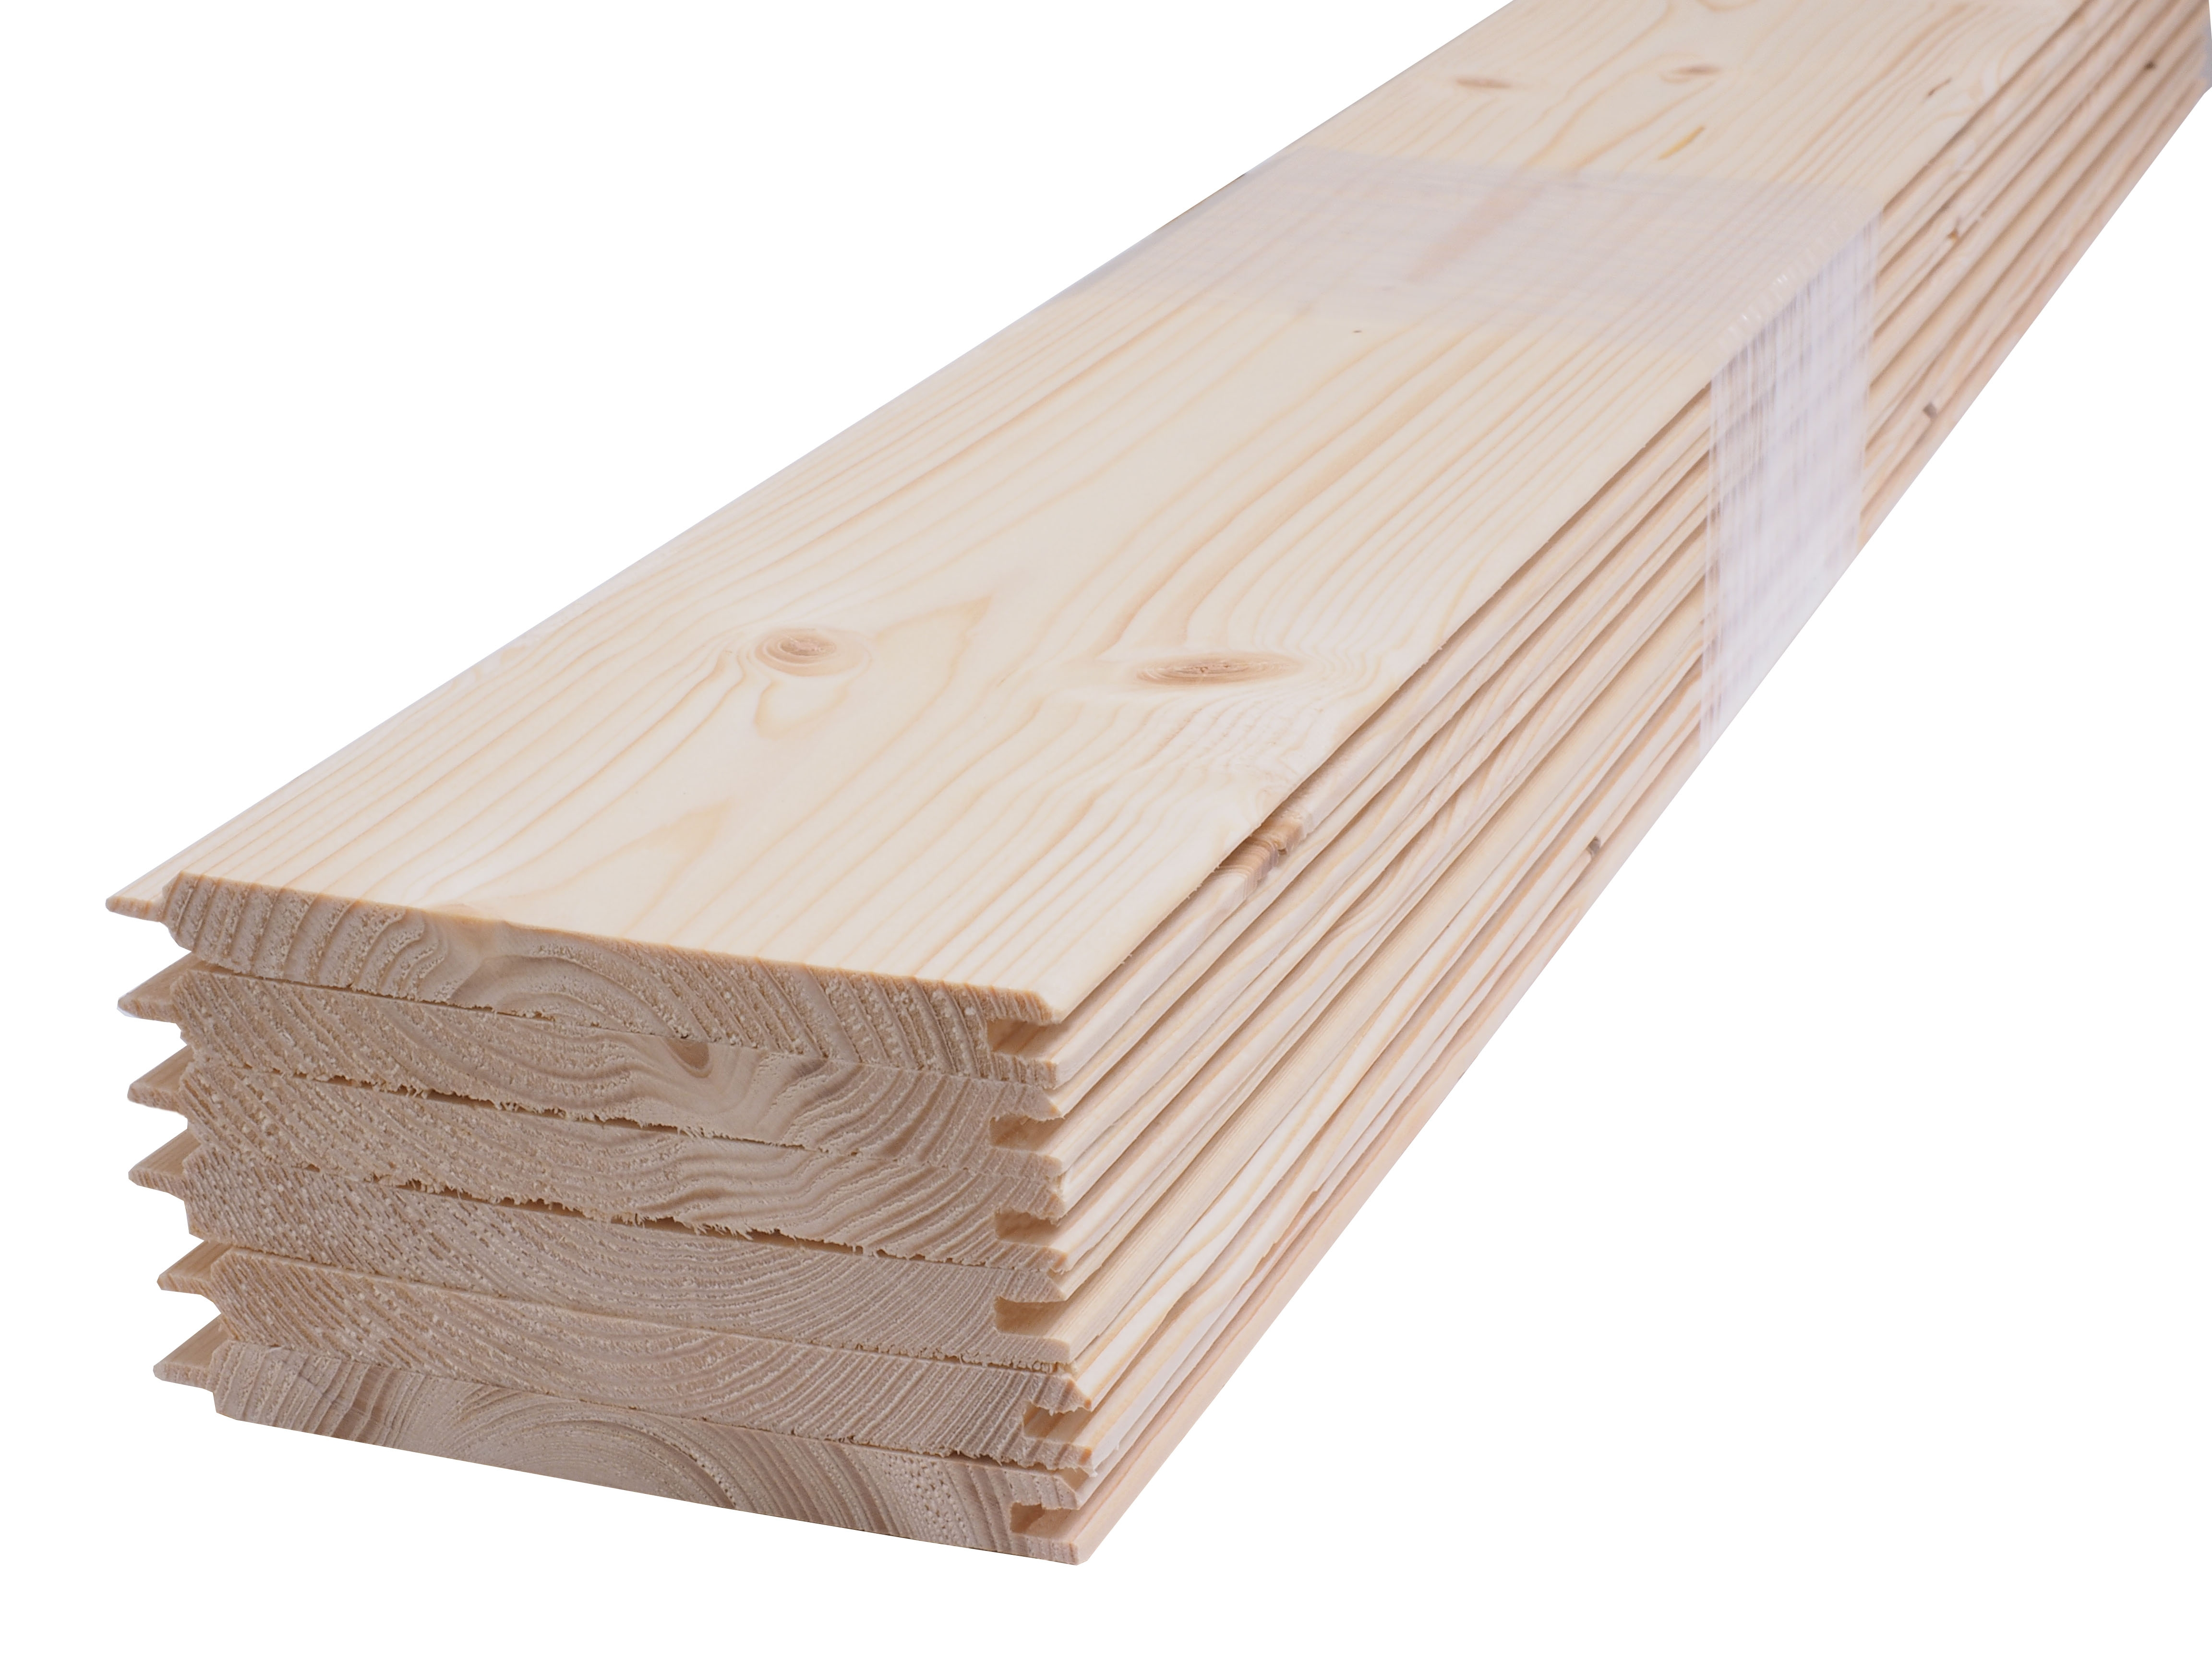 Madera para construir tu cabina de sauna